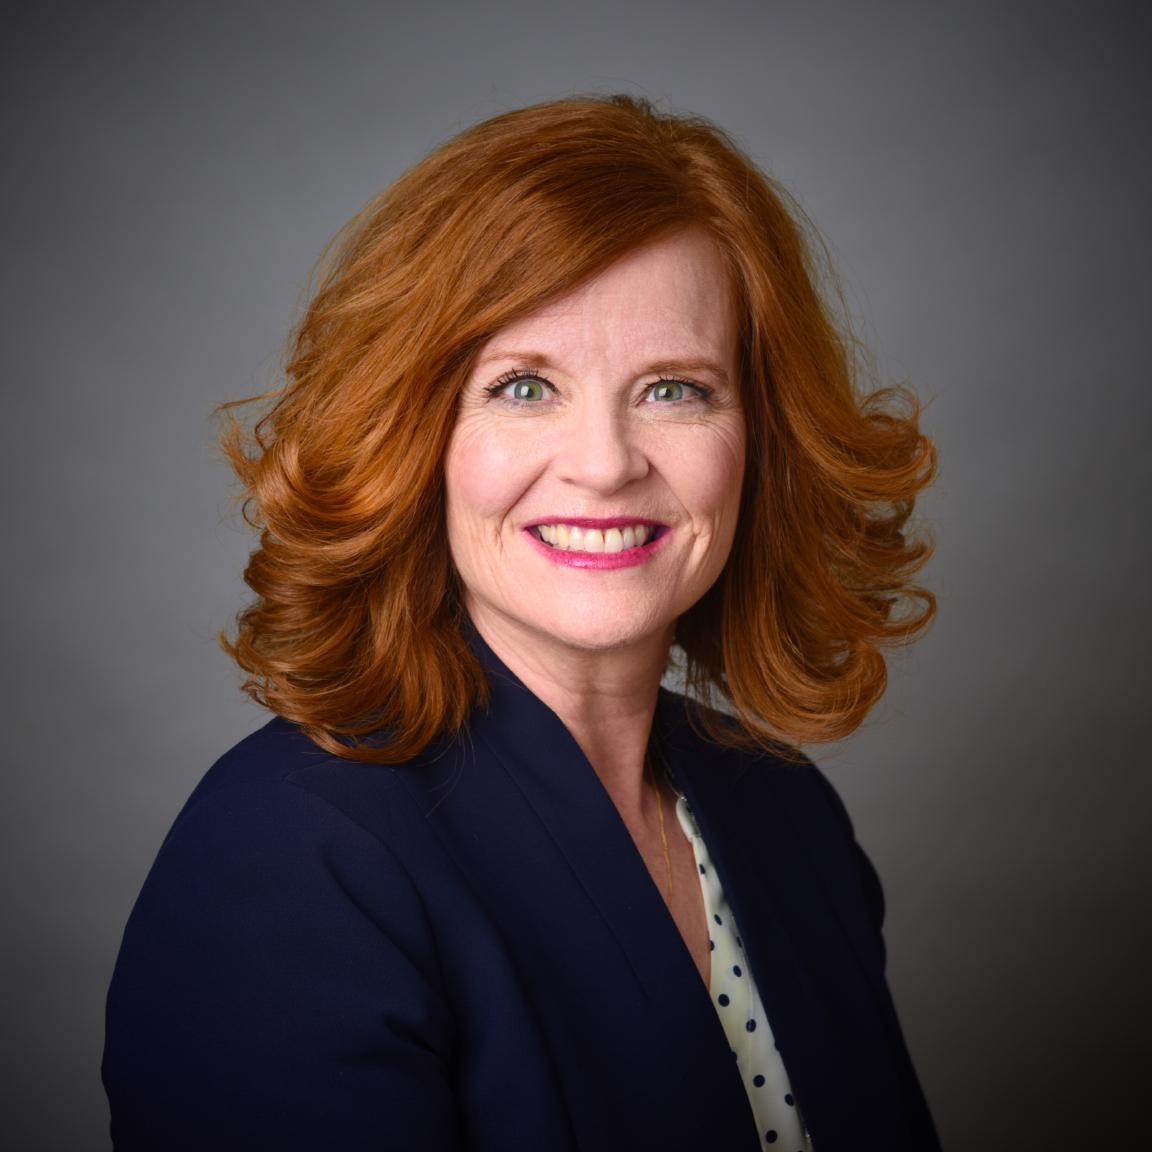 Maureen Goodman, BSN, MSN